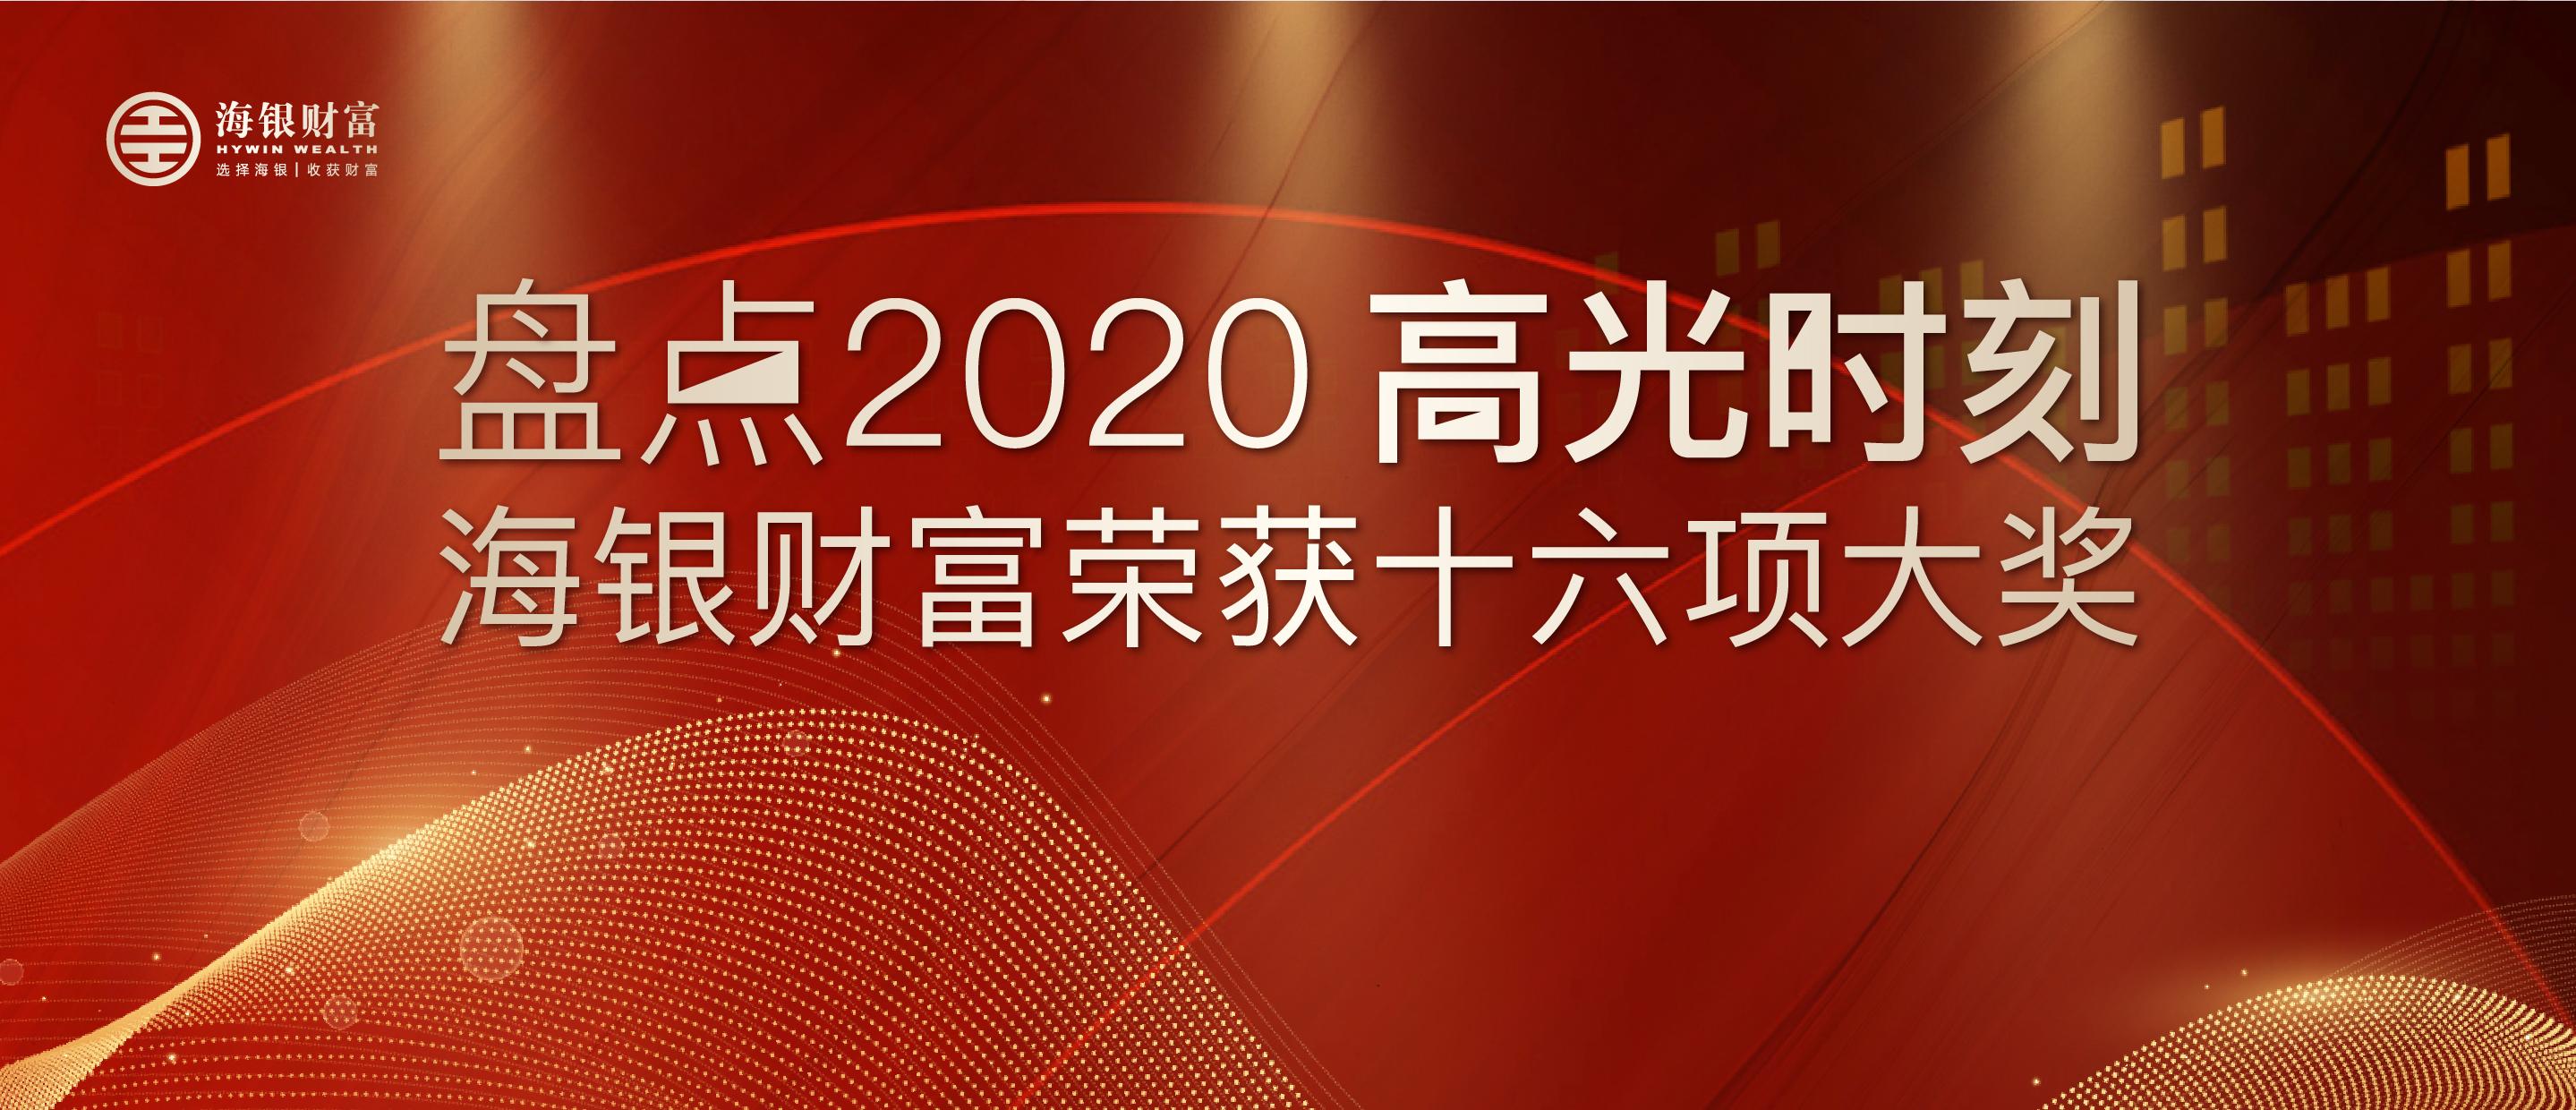 盘点2020高光时刻 海银财富荣获十六项大奖